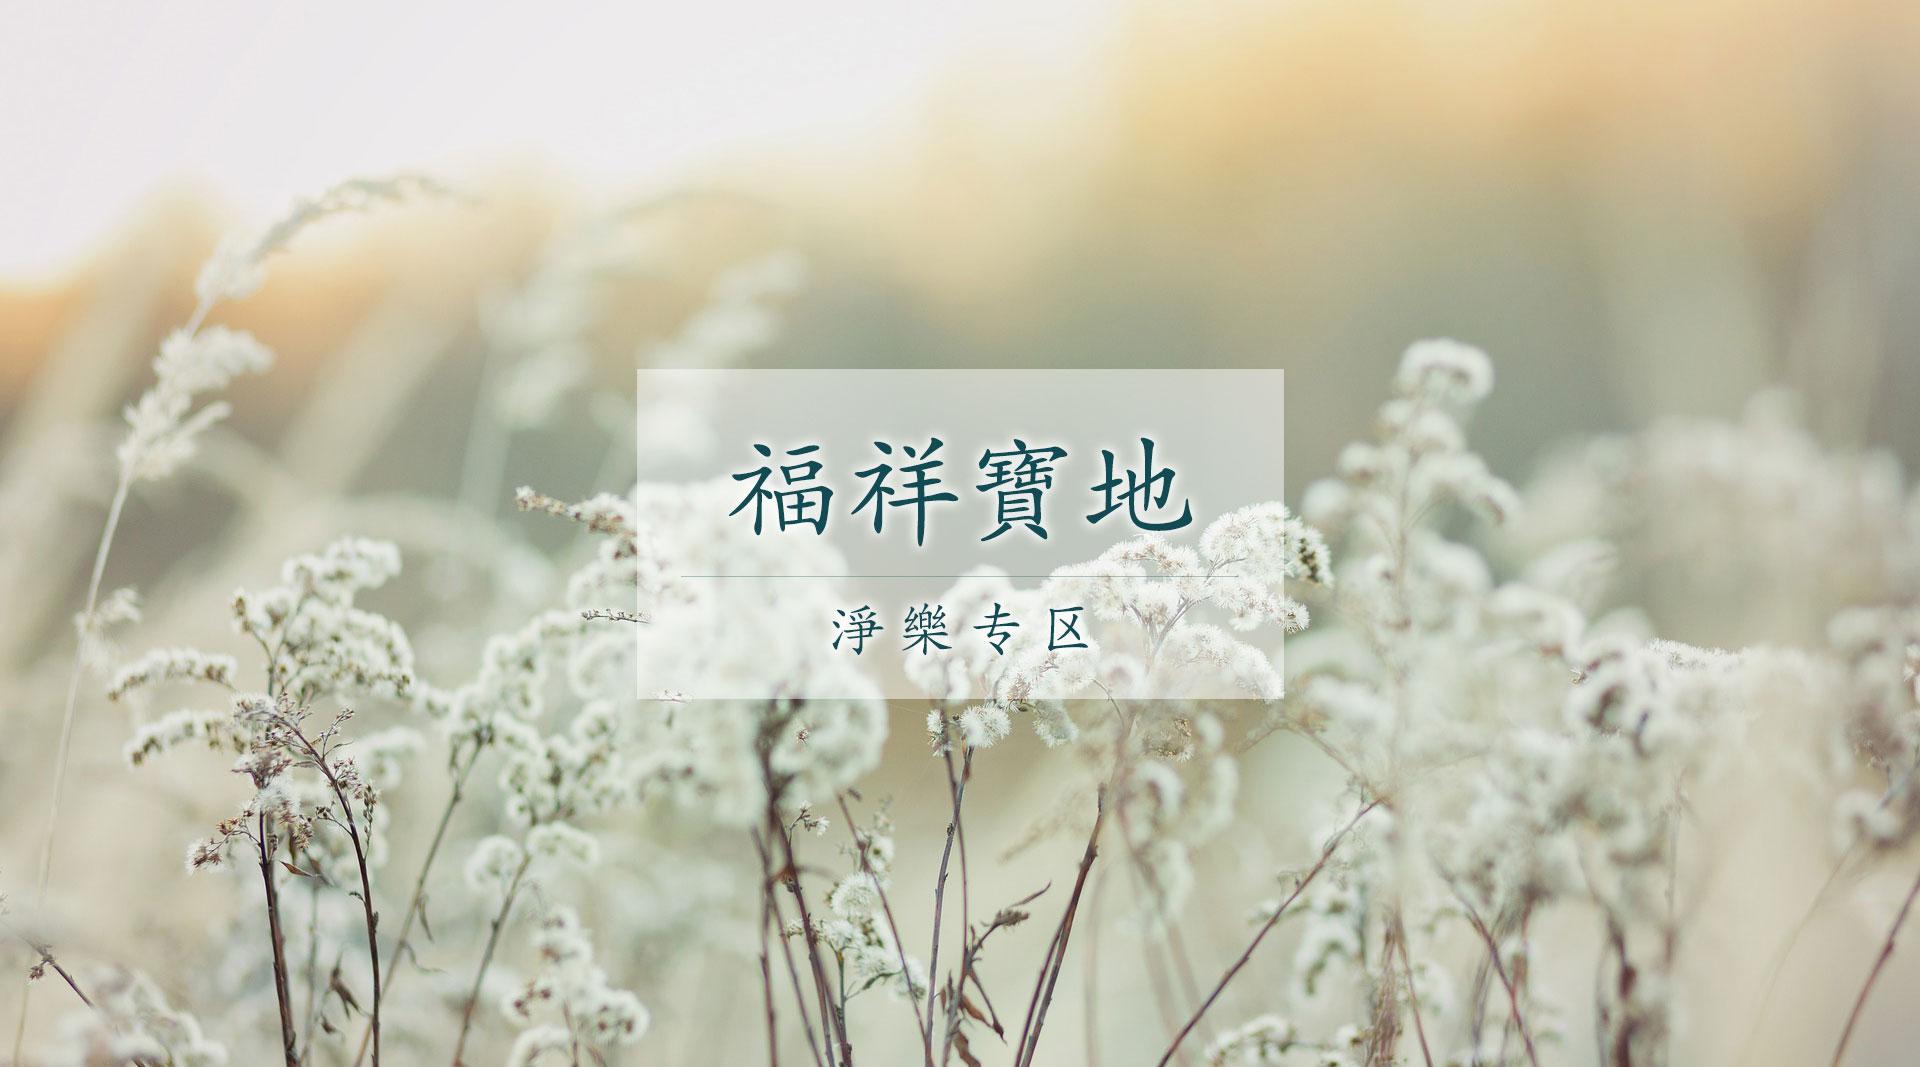 福祥宝地-home-pic-1-1